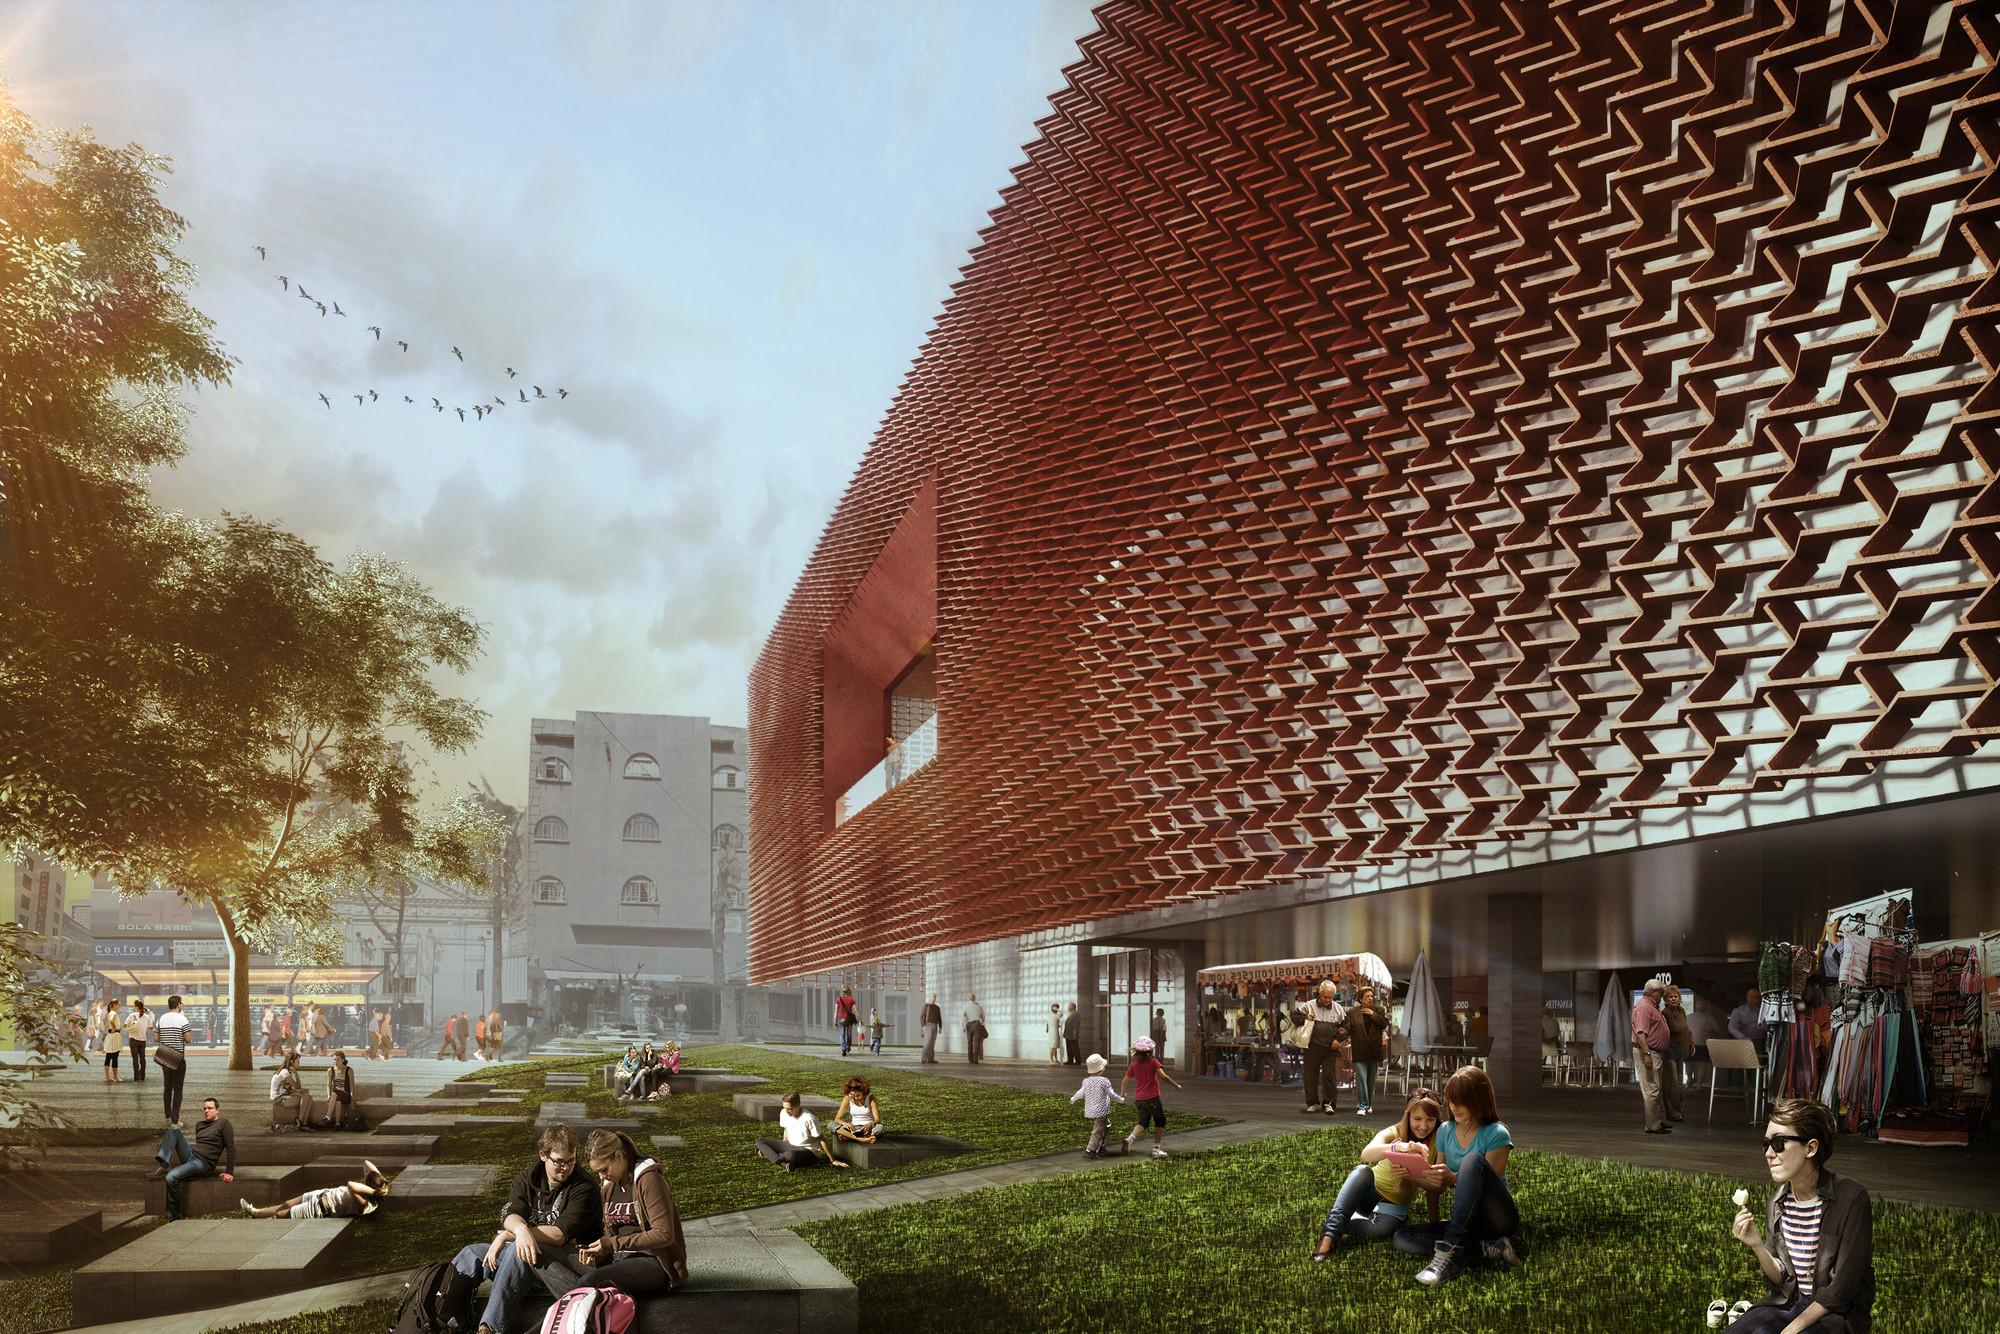 Primer Lugar Concurso de Arquitectura Intervención Urbana 2014 / México , Cortesia de Morodo Arquitectos